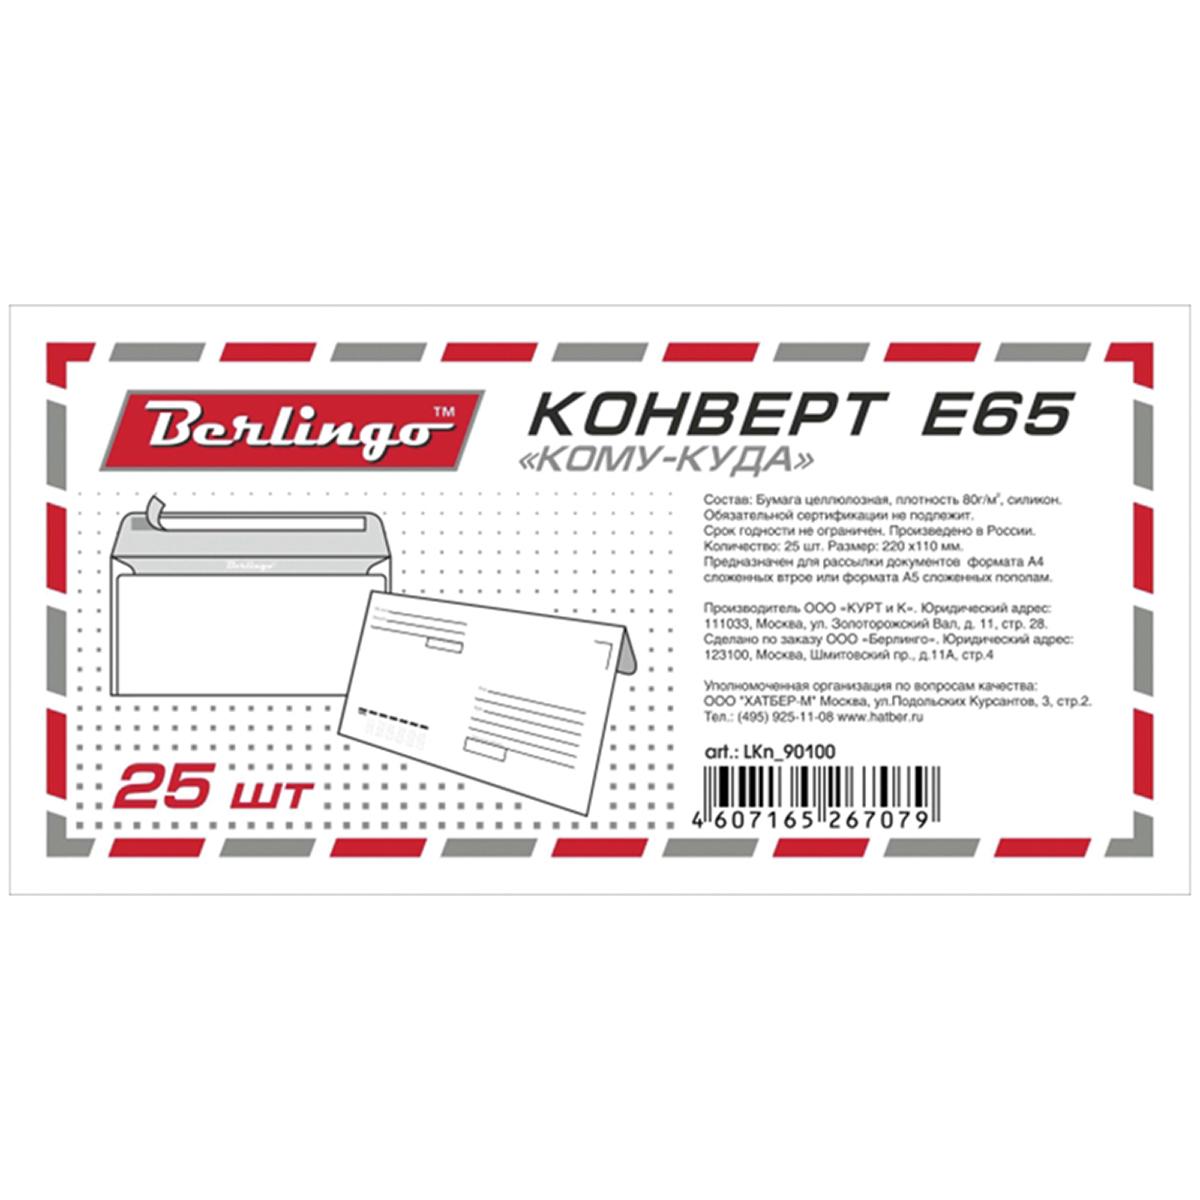 Berlingo Конверт E65 с подсказом 25 шт эффективное дели 3423 5 крафт конверт почтовое отделение стандартный конверт 220 110мм 20 листов одного пакета